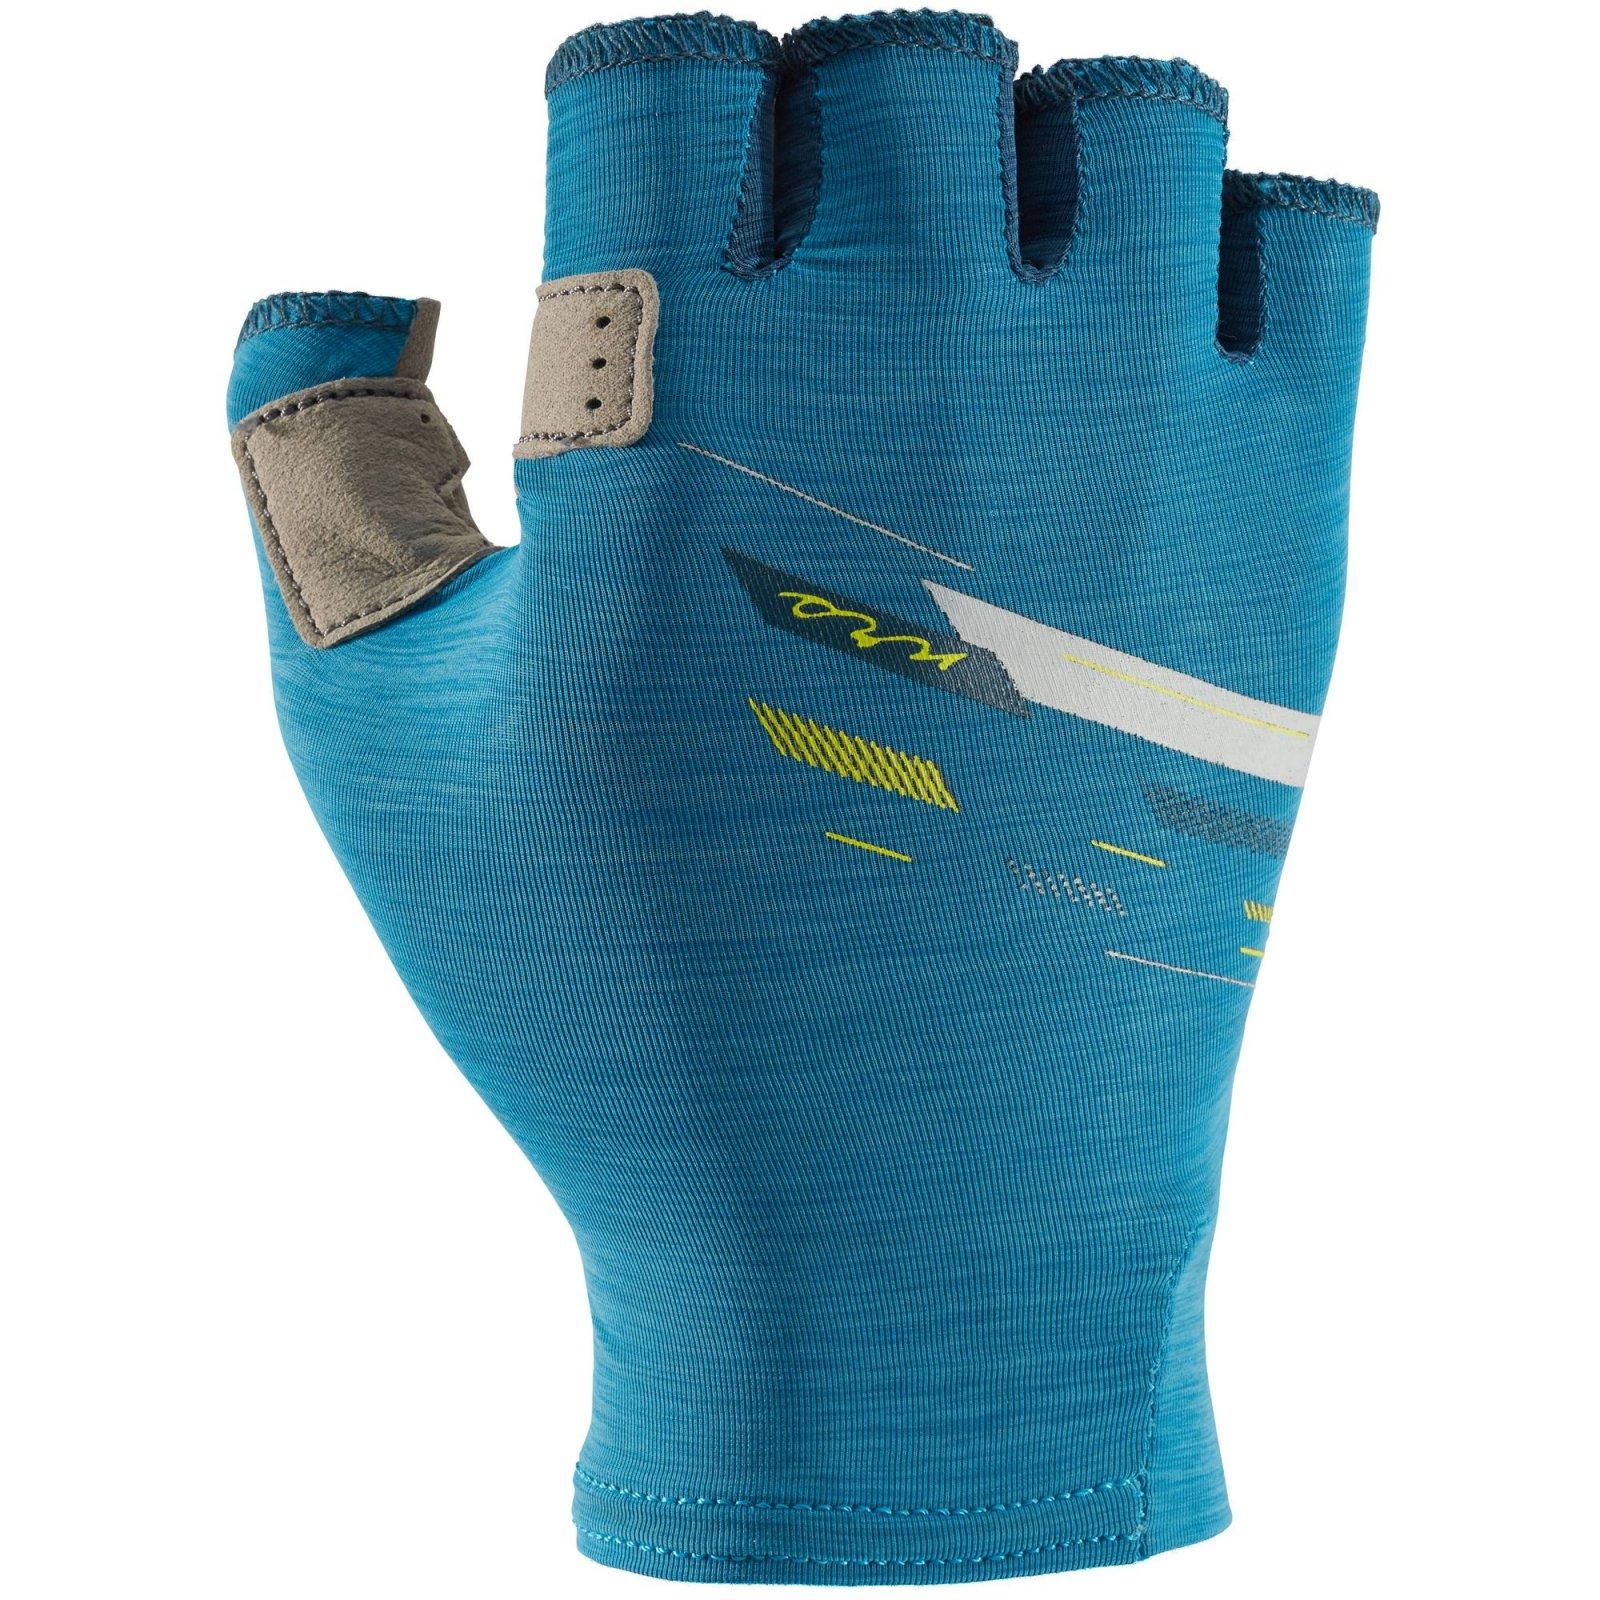 NRS Women's Boater's Gloves 2021